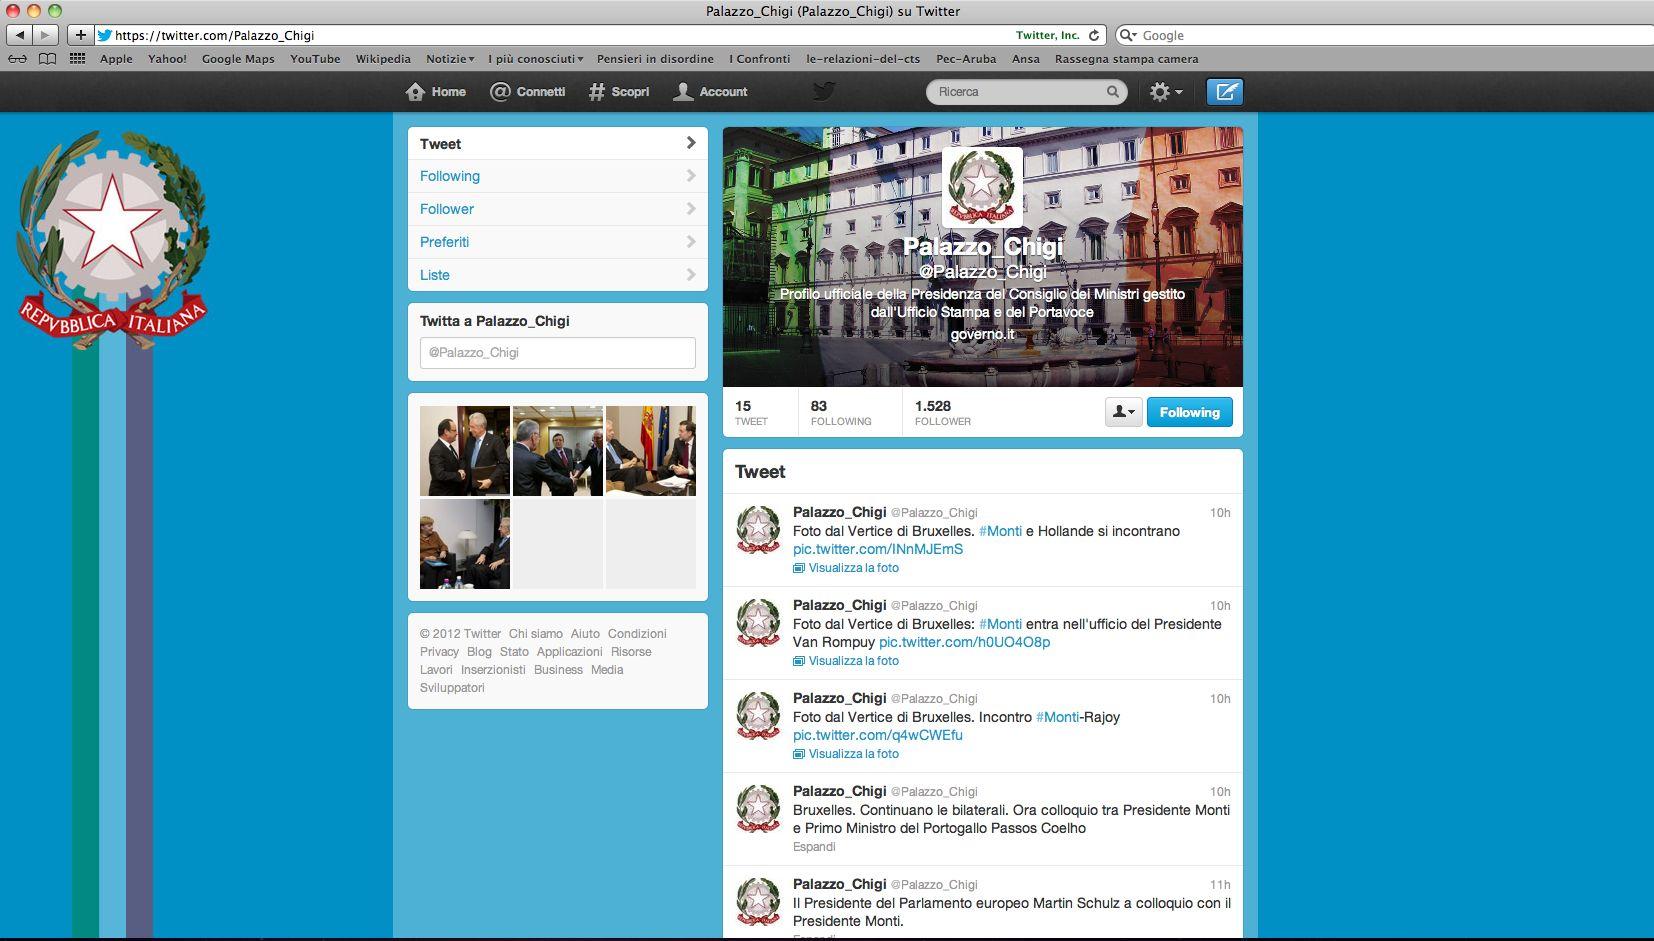 Da ieri Palazzo Chigi ha scelto Twitter per avvicinarsi agli italiani